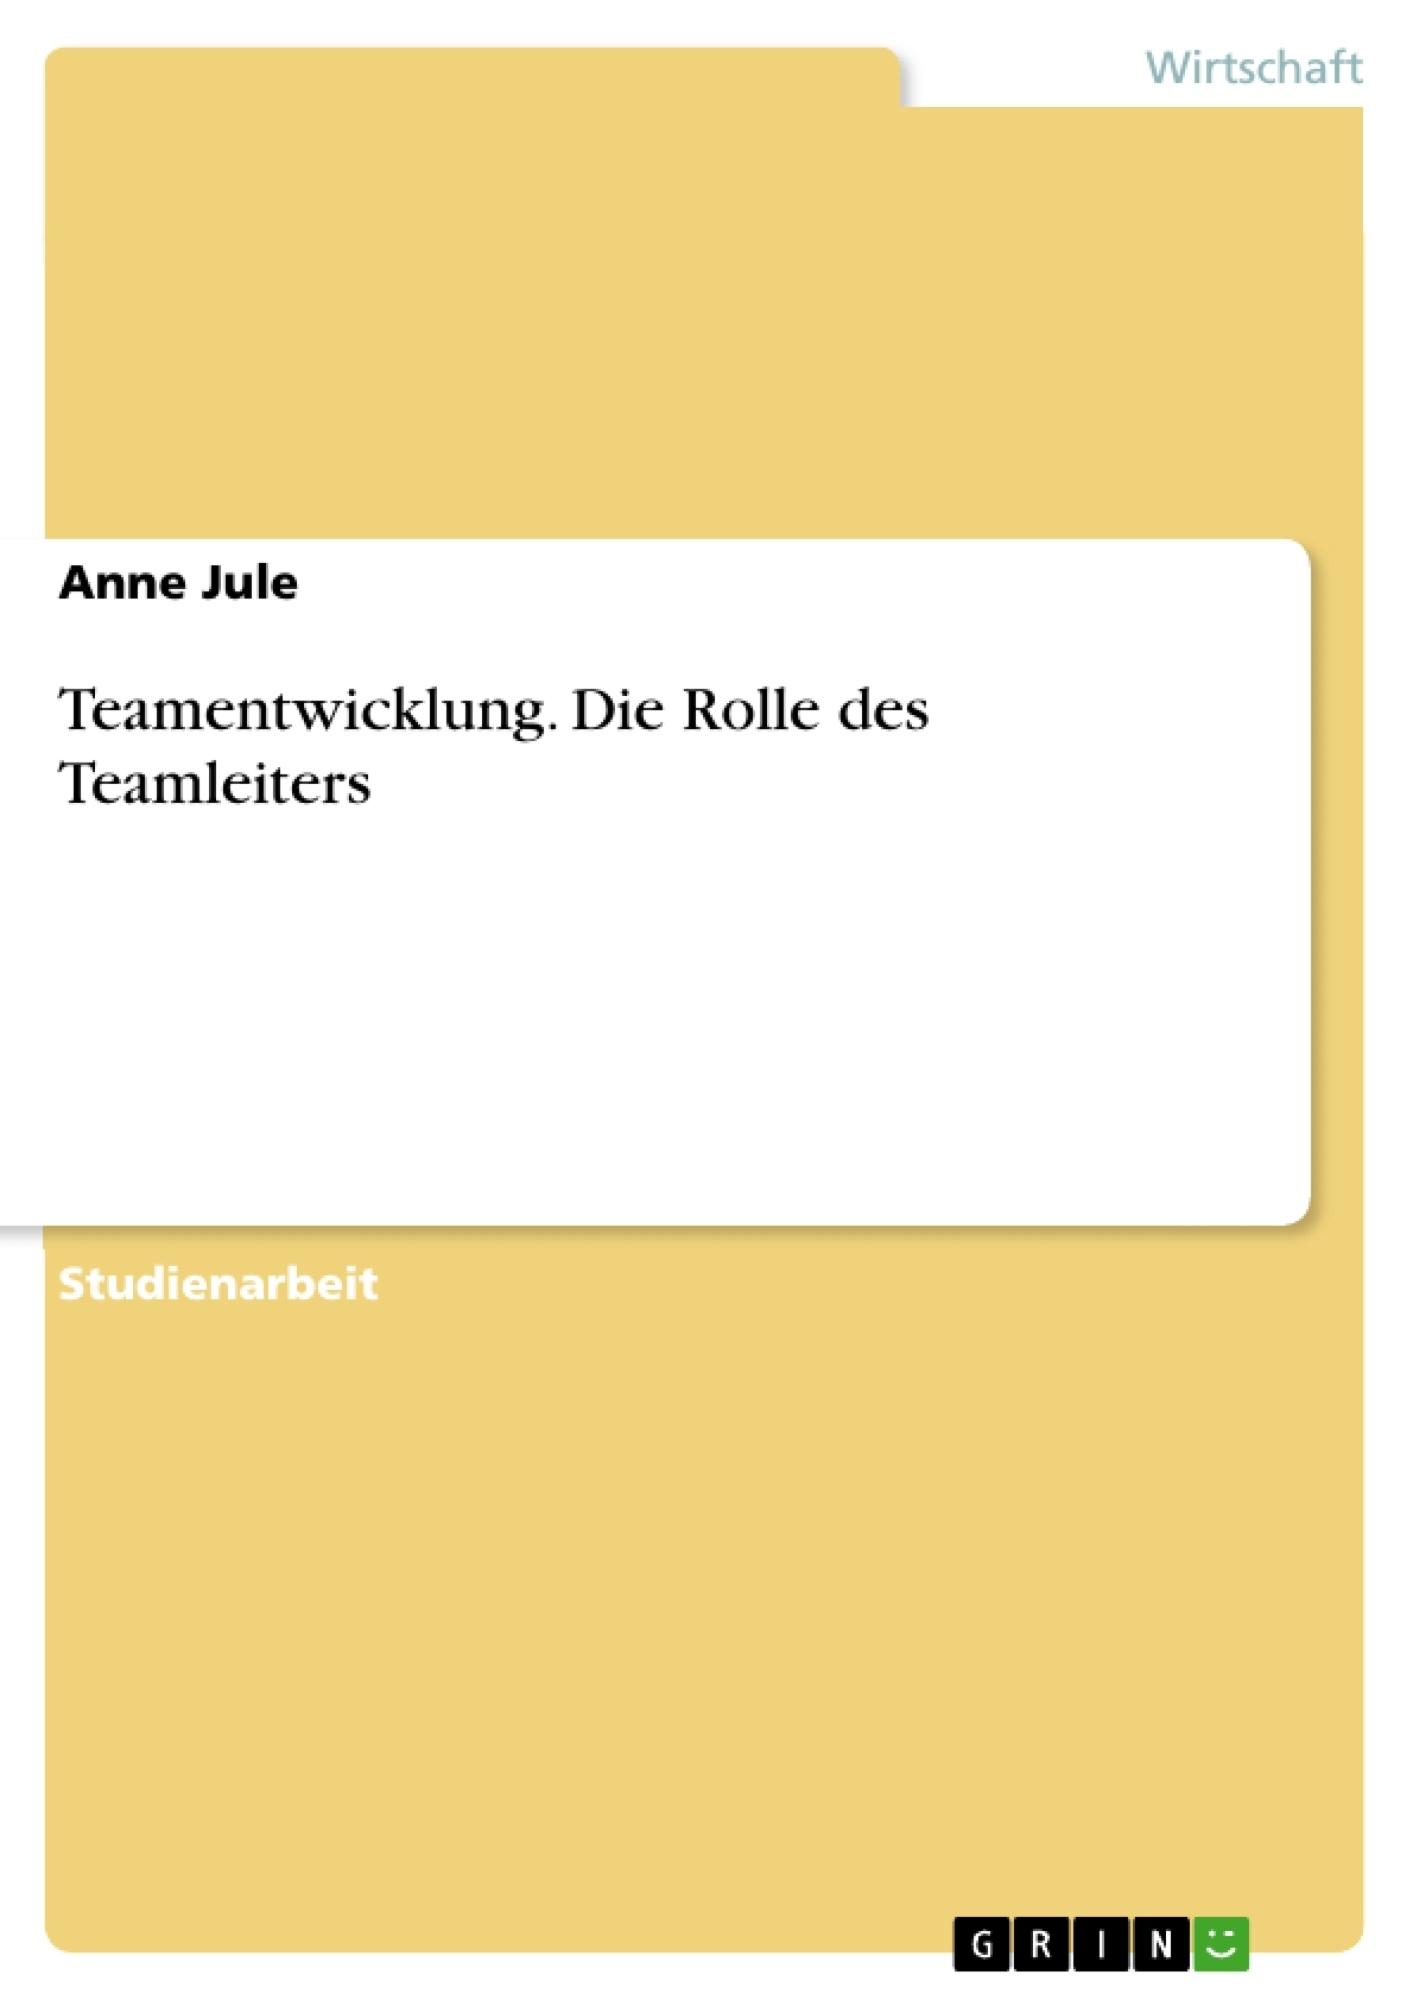 Titel: Teamentwicklung. Die Rolle des Teamleiters